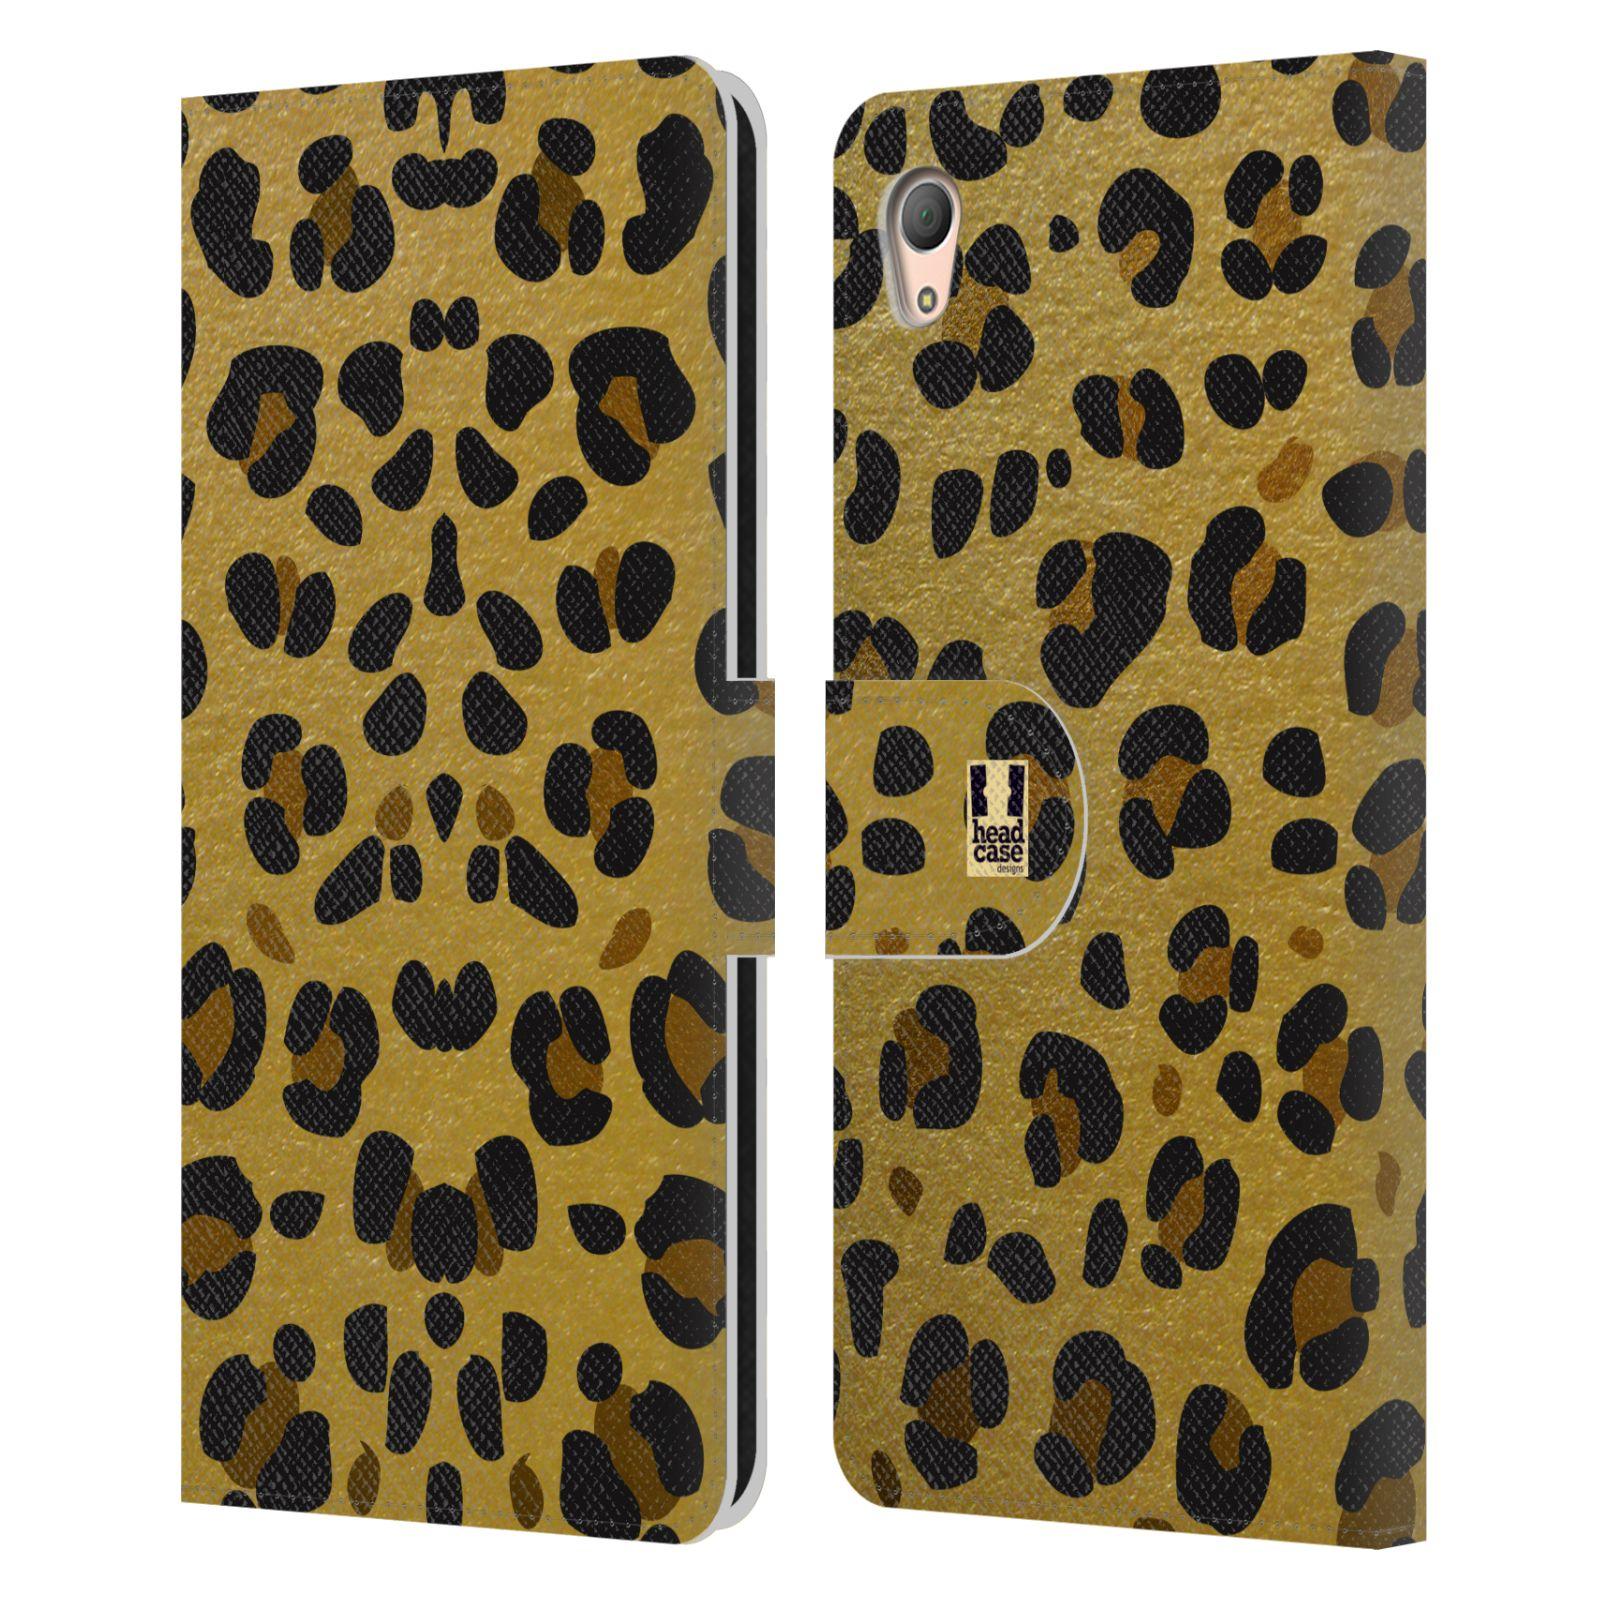 Pouzdro na mobil Sony Xperia Z3 PLUS - Head Case - Fashion zvířecí vzor